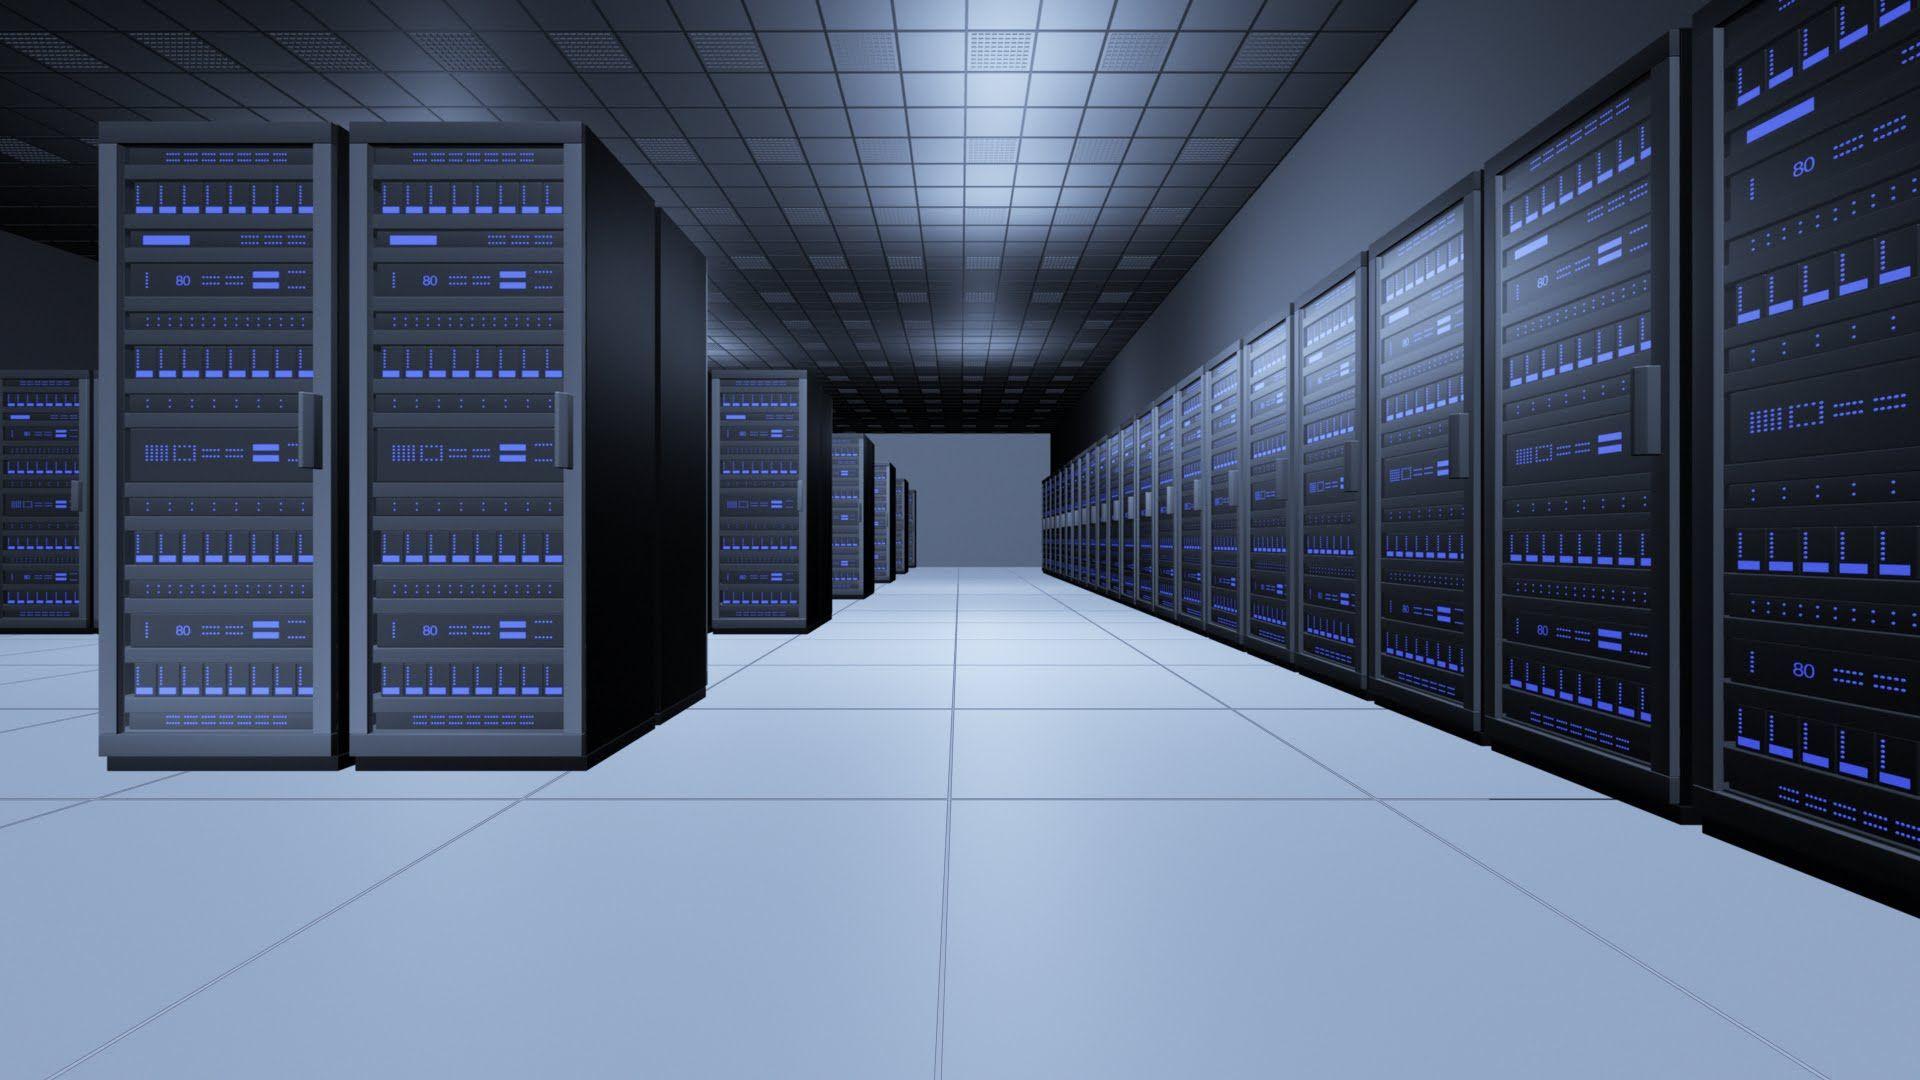 игровой хостинг серверов для ксс